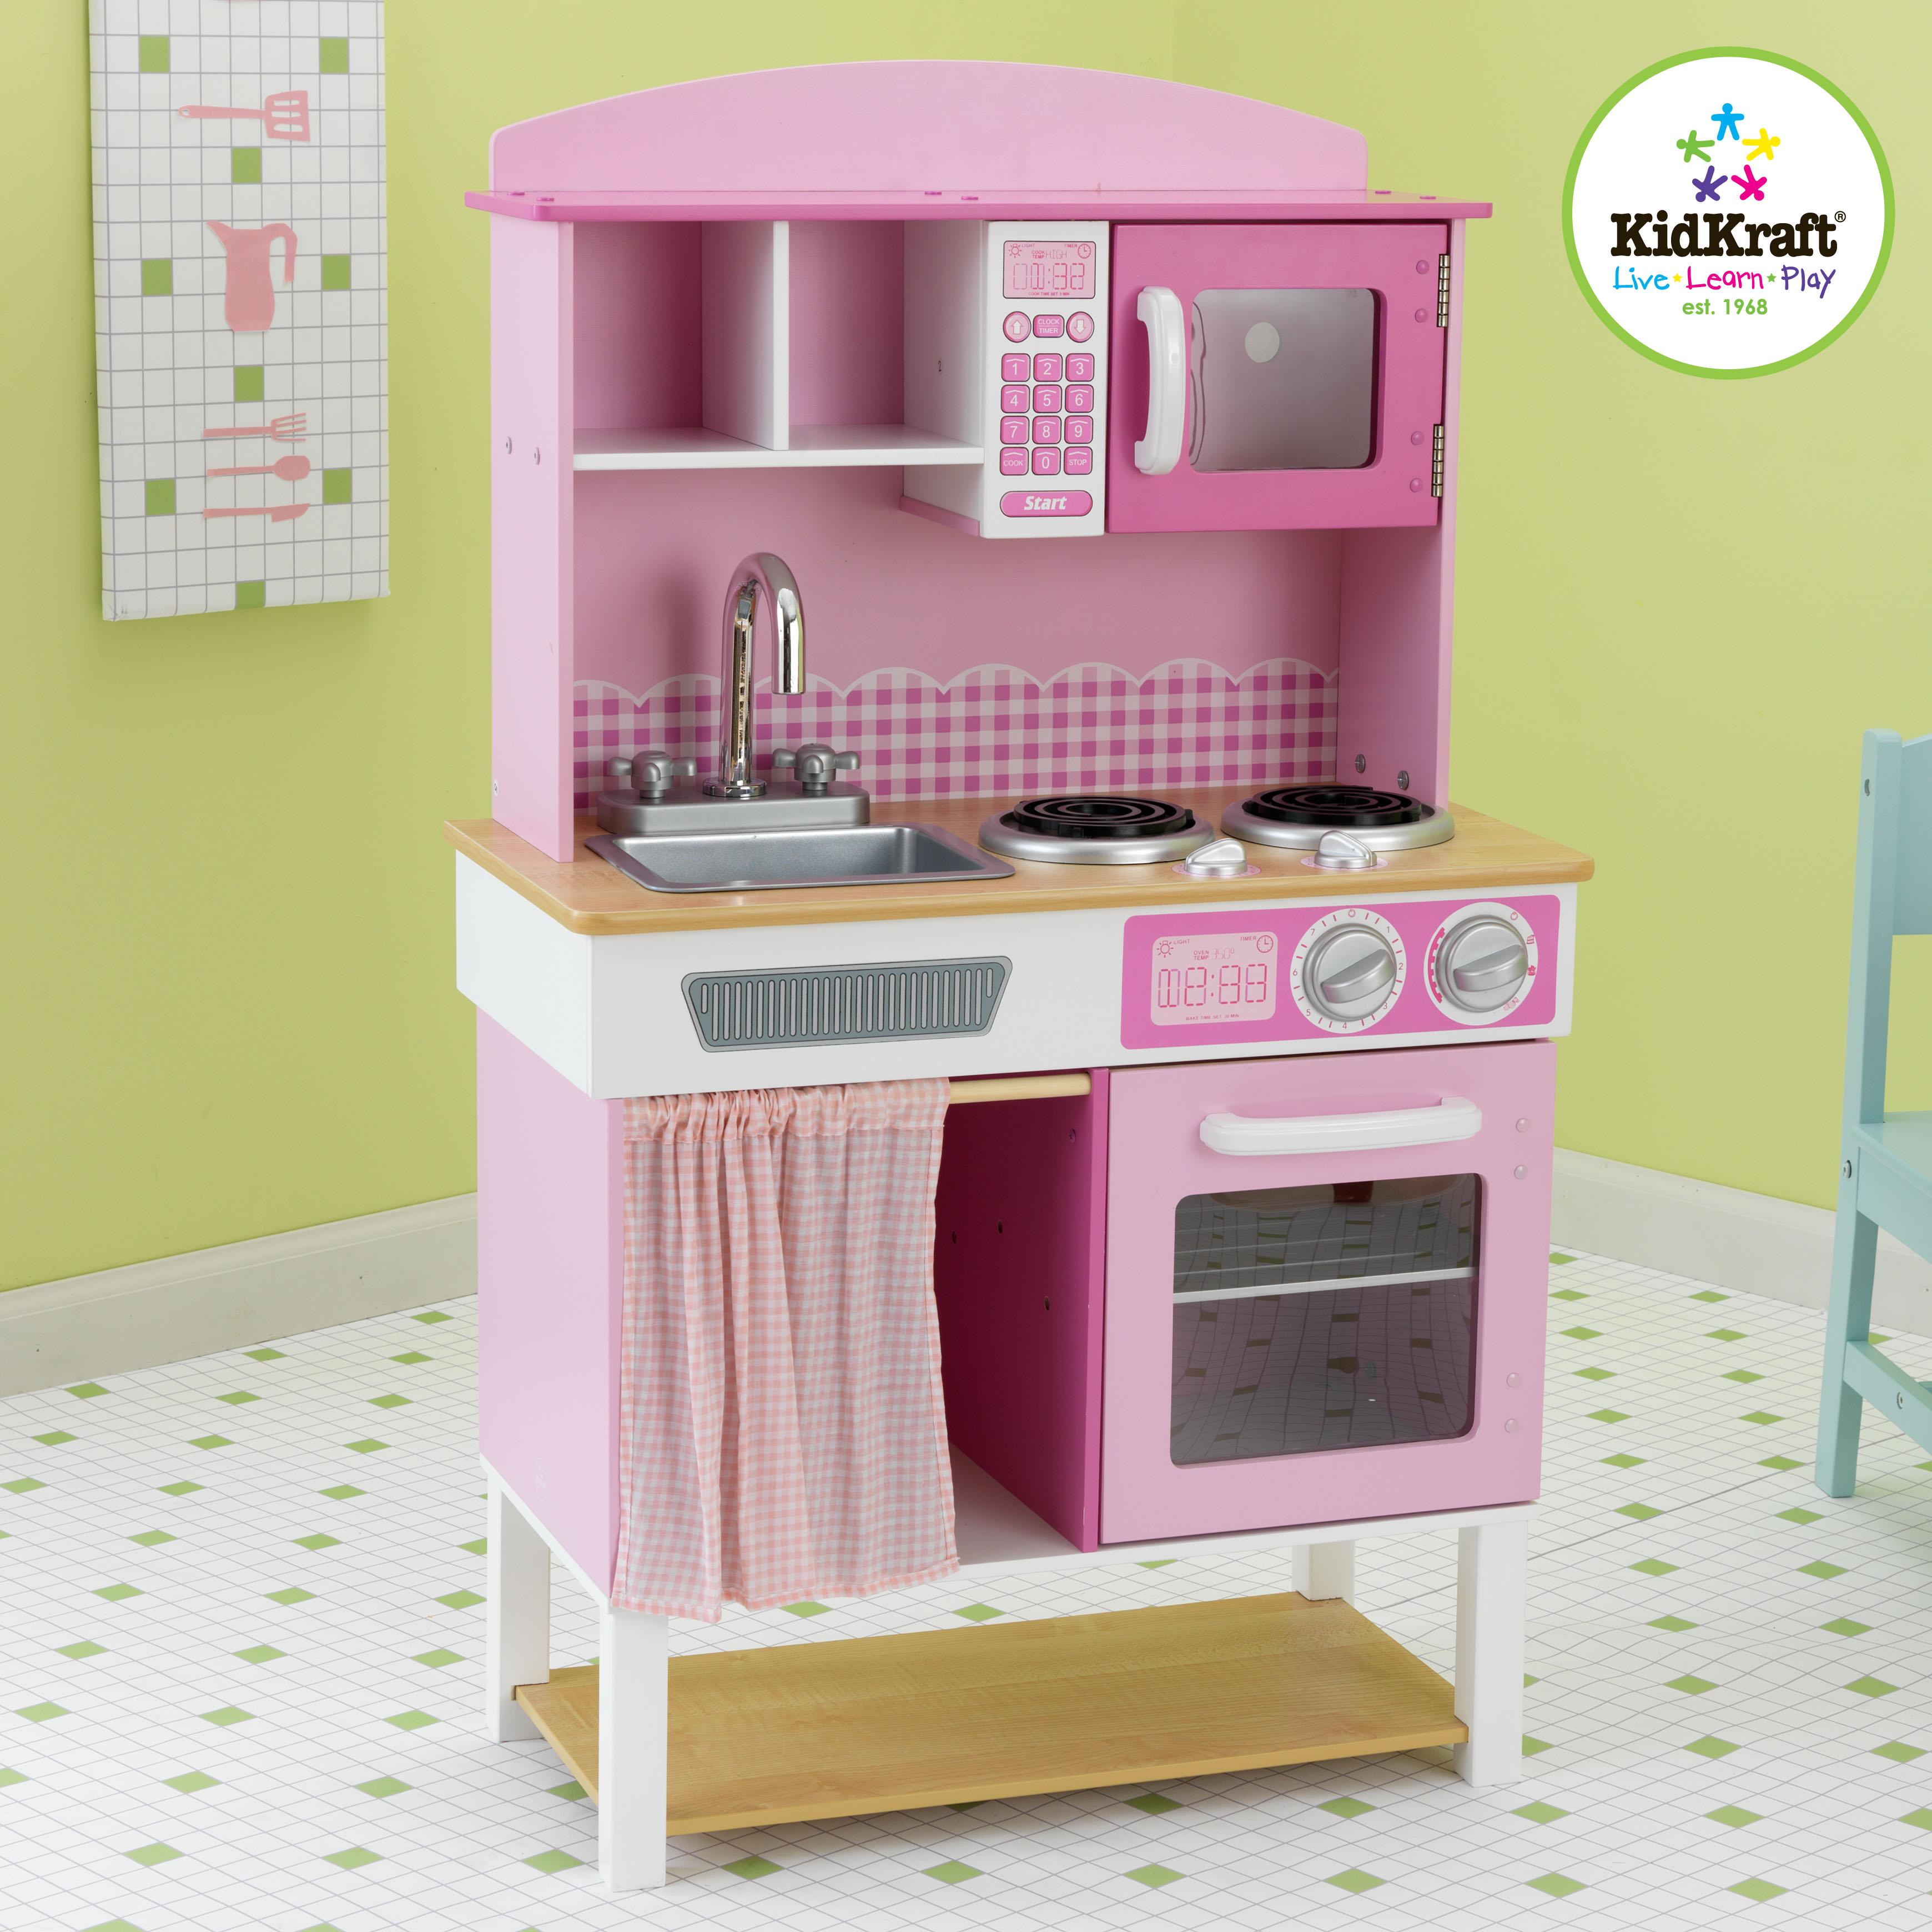 Dětská kuchyňka domácí